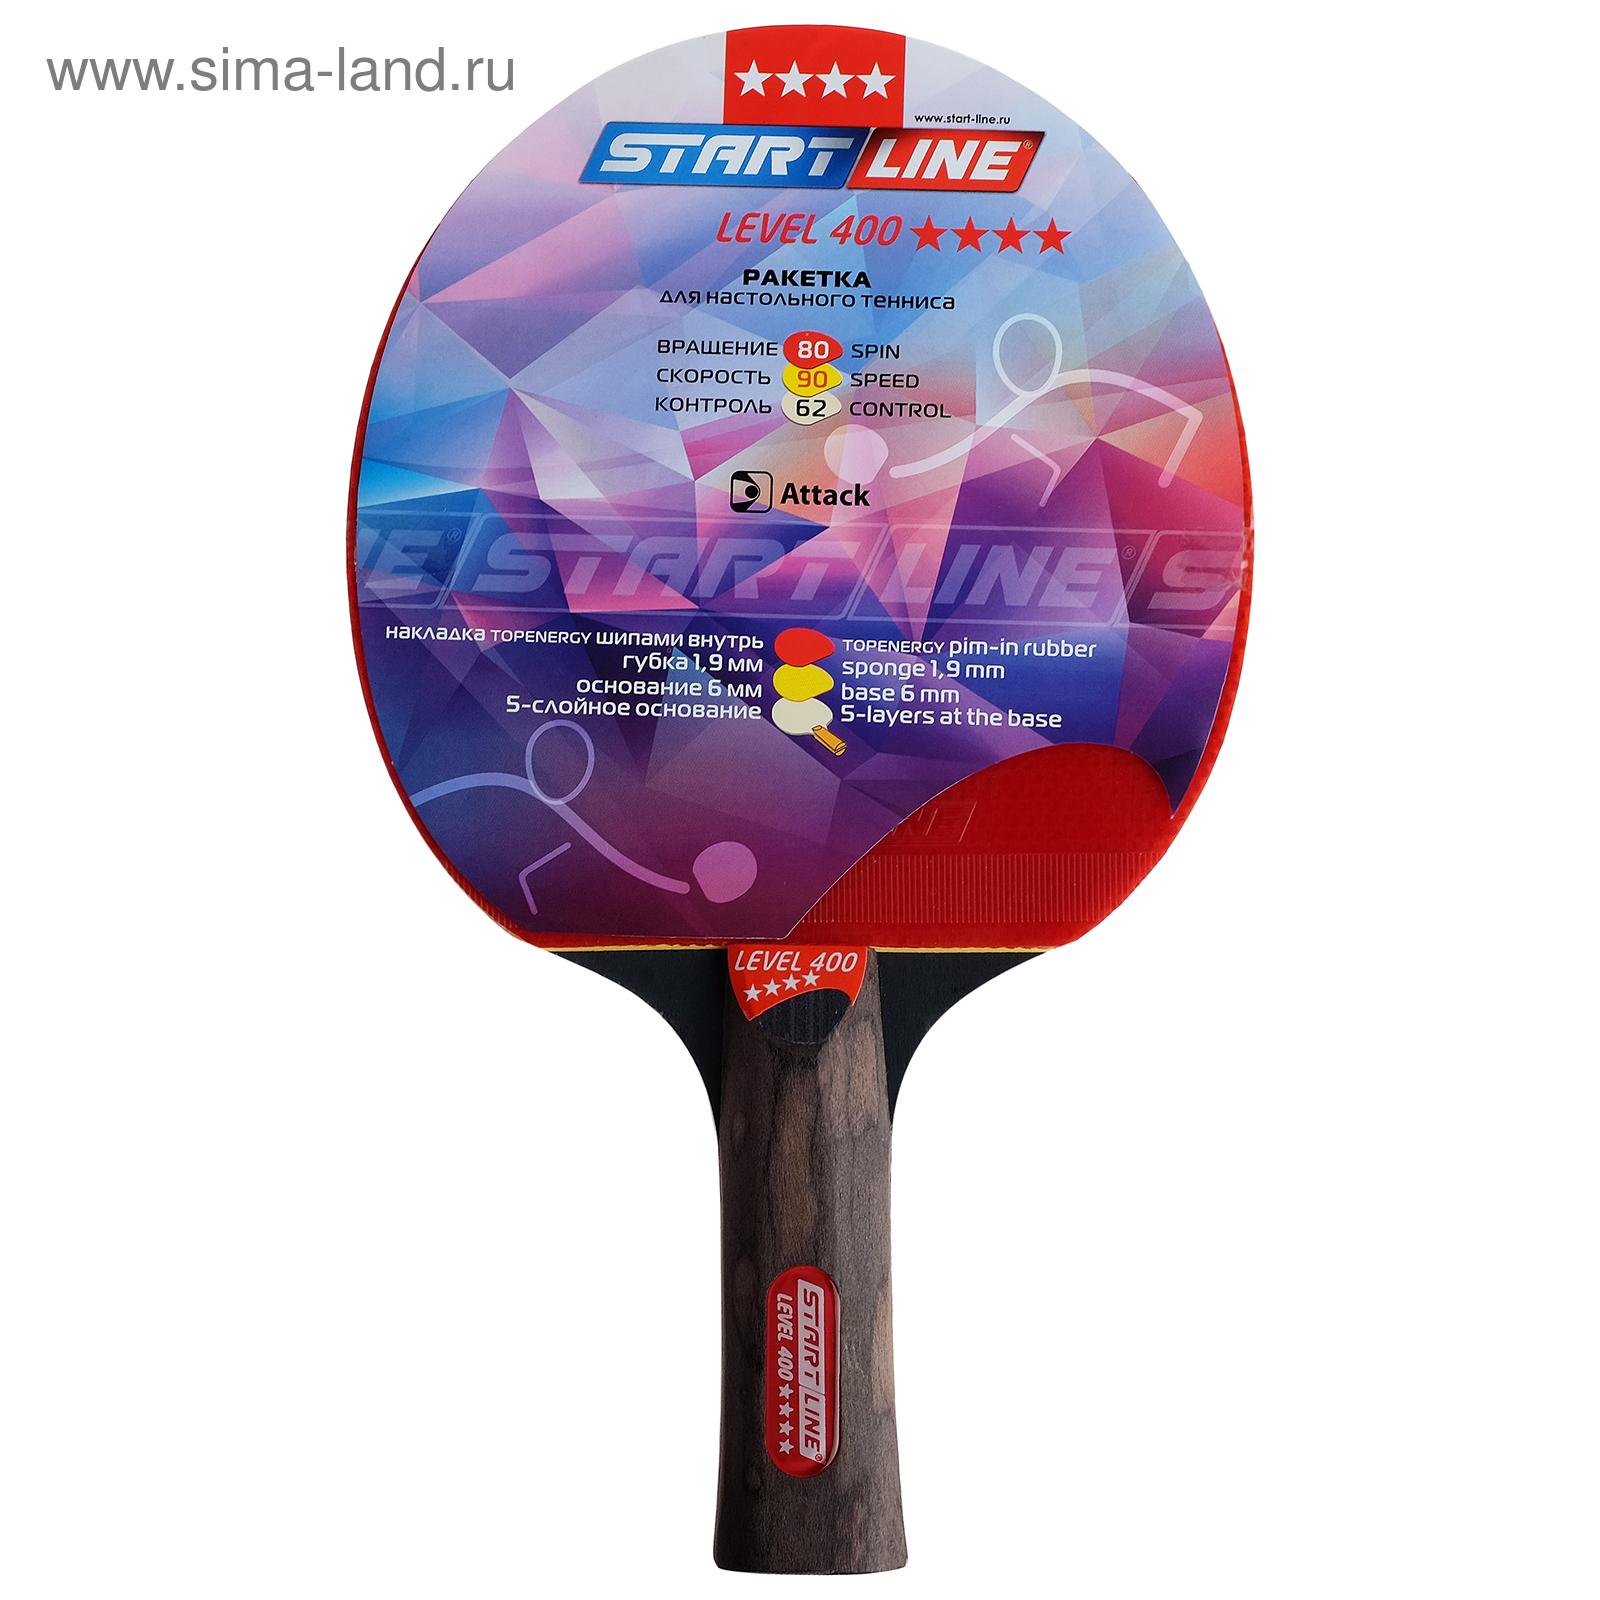 Ракетка для настольного тенниса Start line Level 400 с анатомической ручкой 664cd8a20bf71